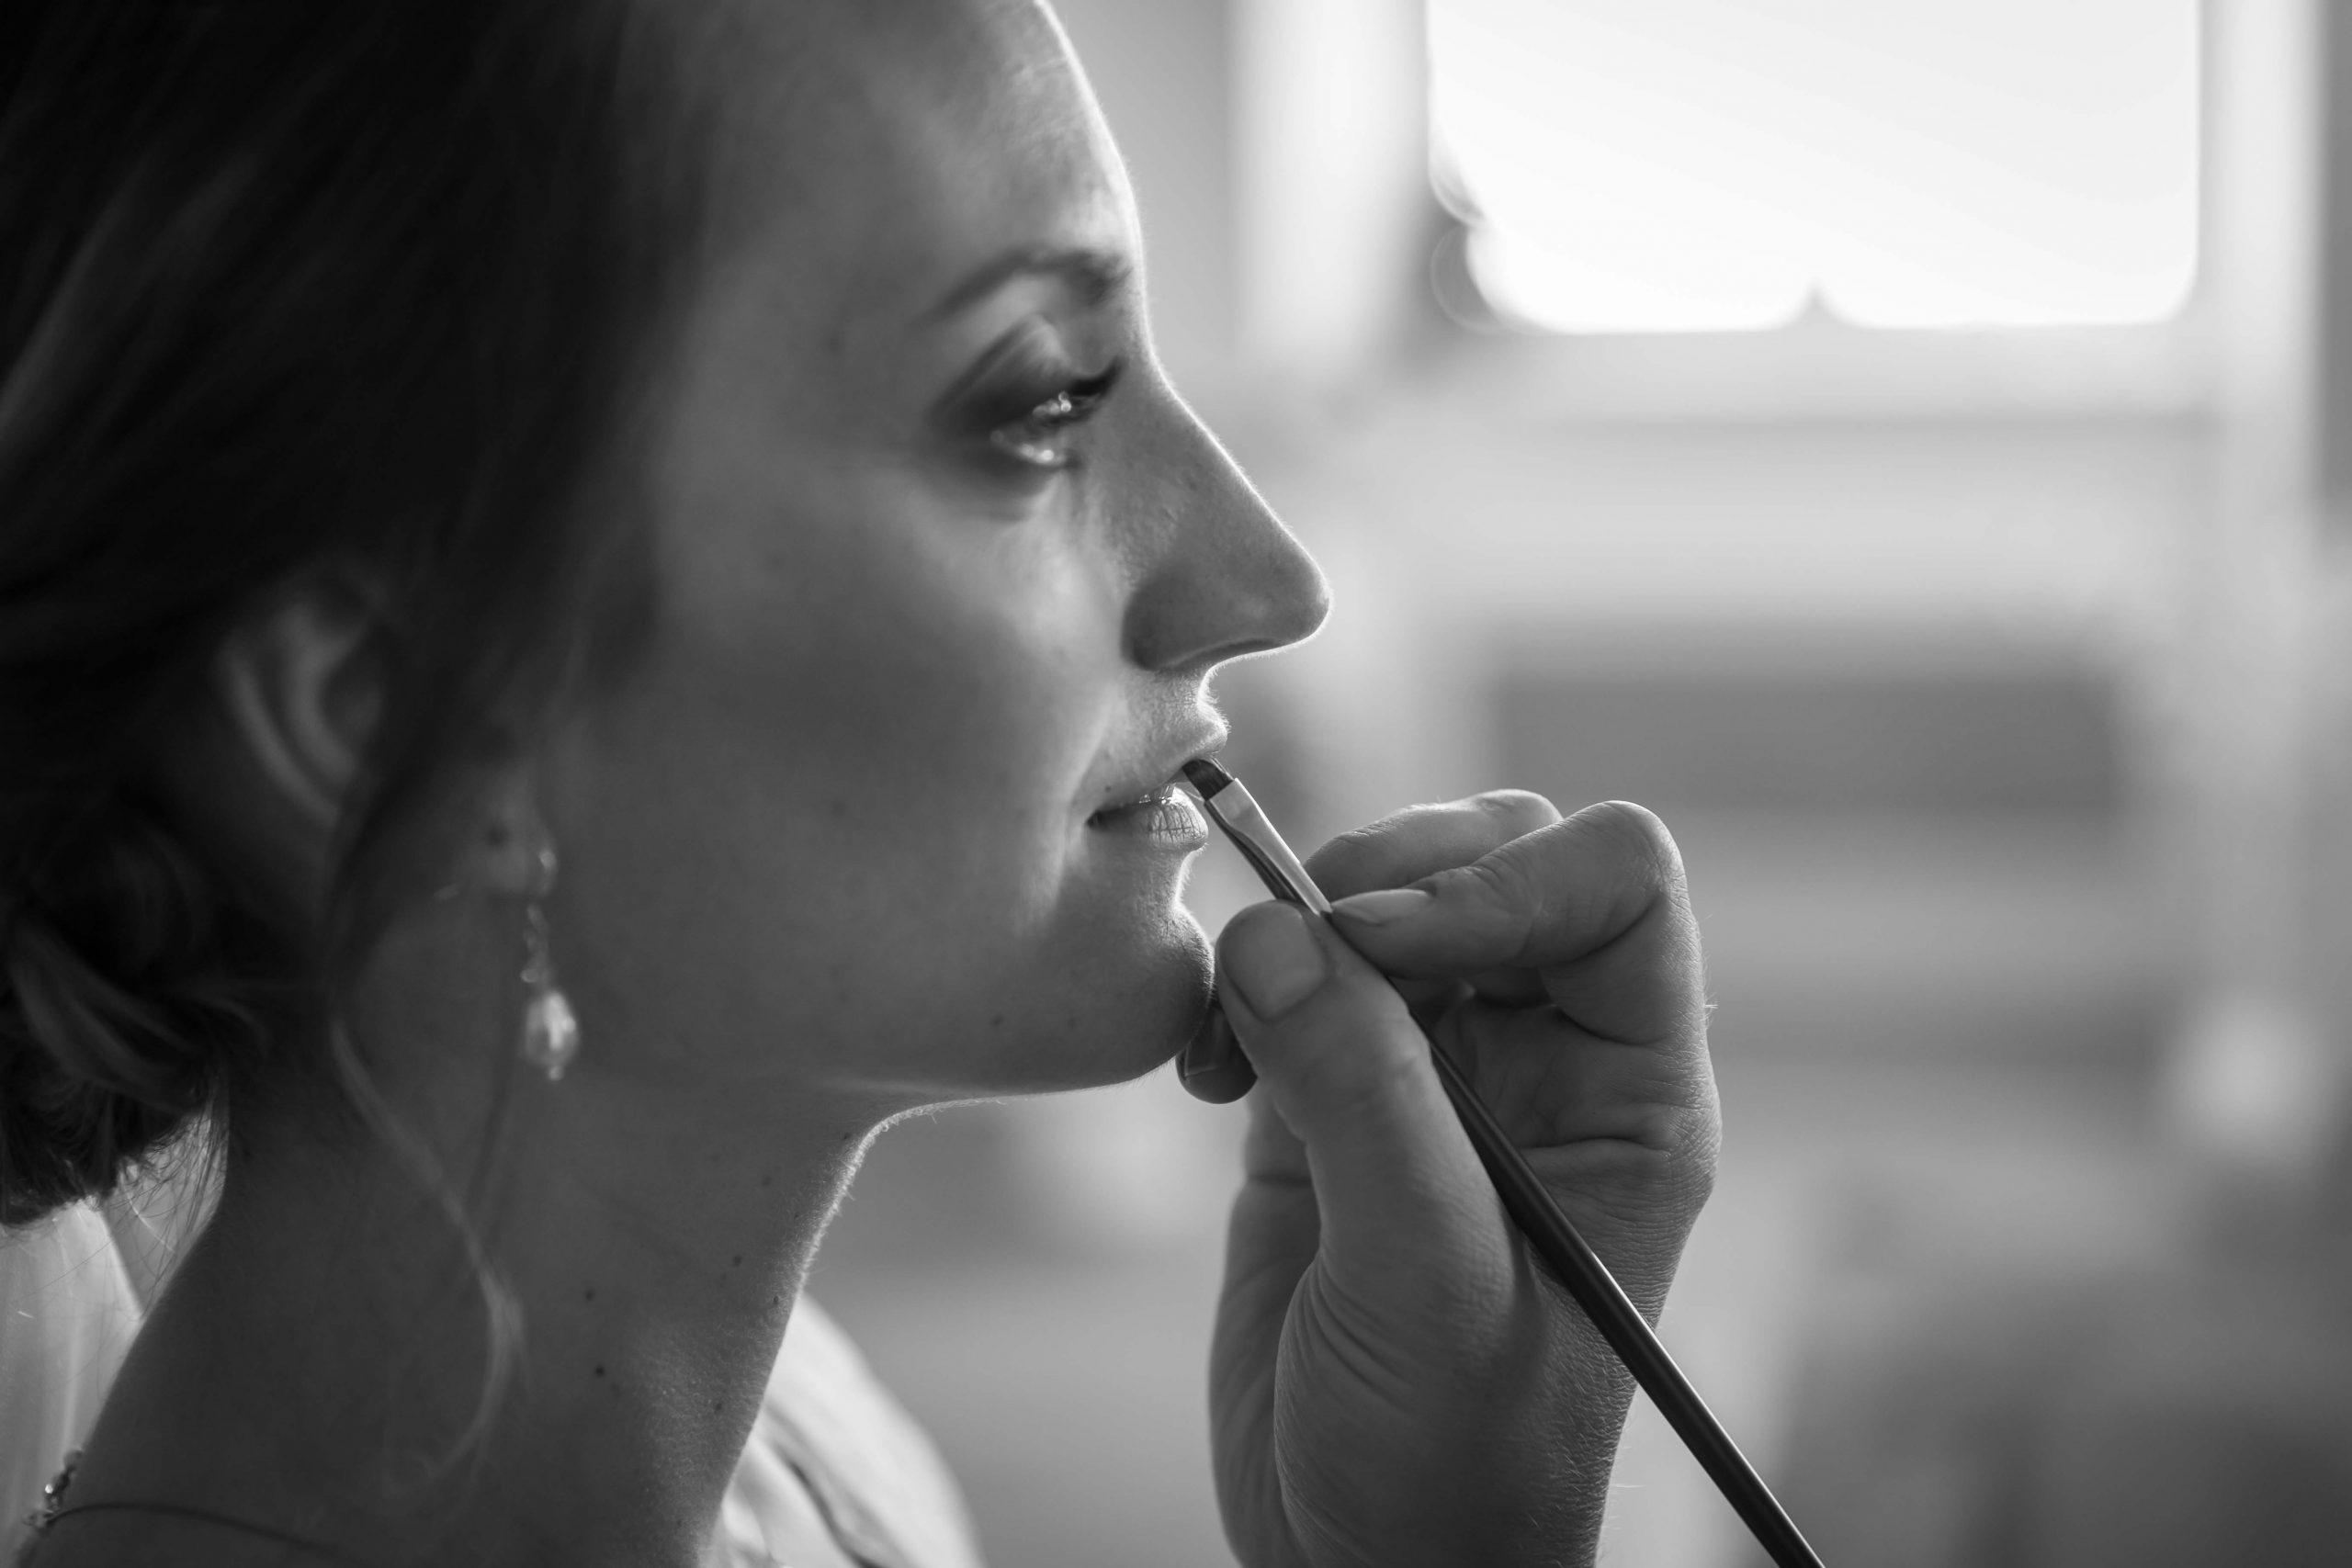 soin du viage et maquillage mariage